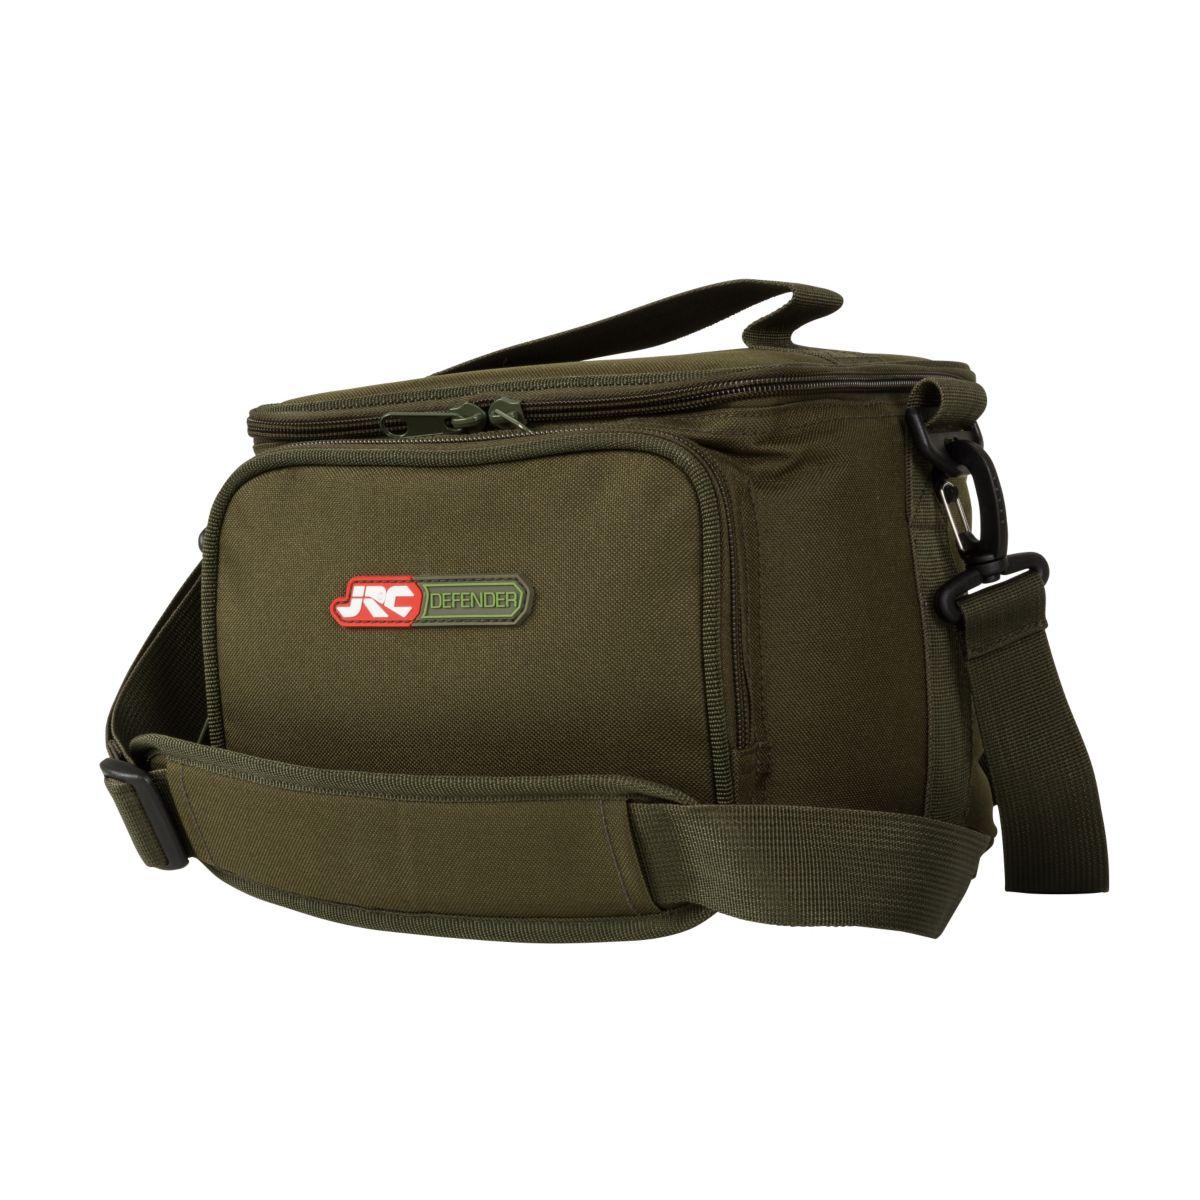 Taška na foťák nebo kameru JRC Defender Padder Camera Bag